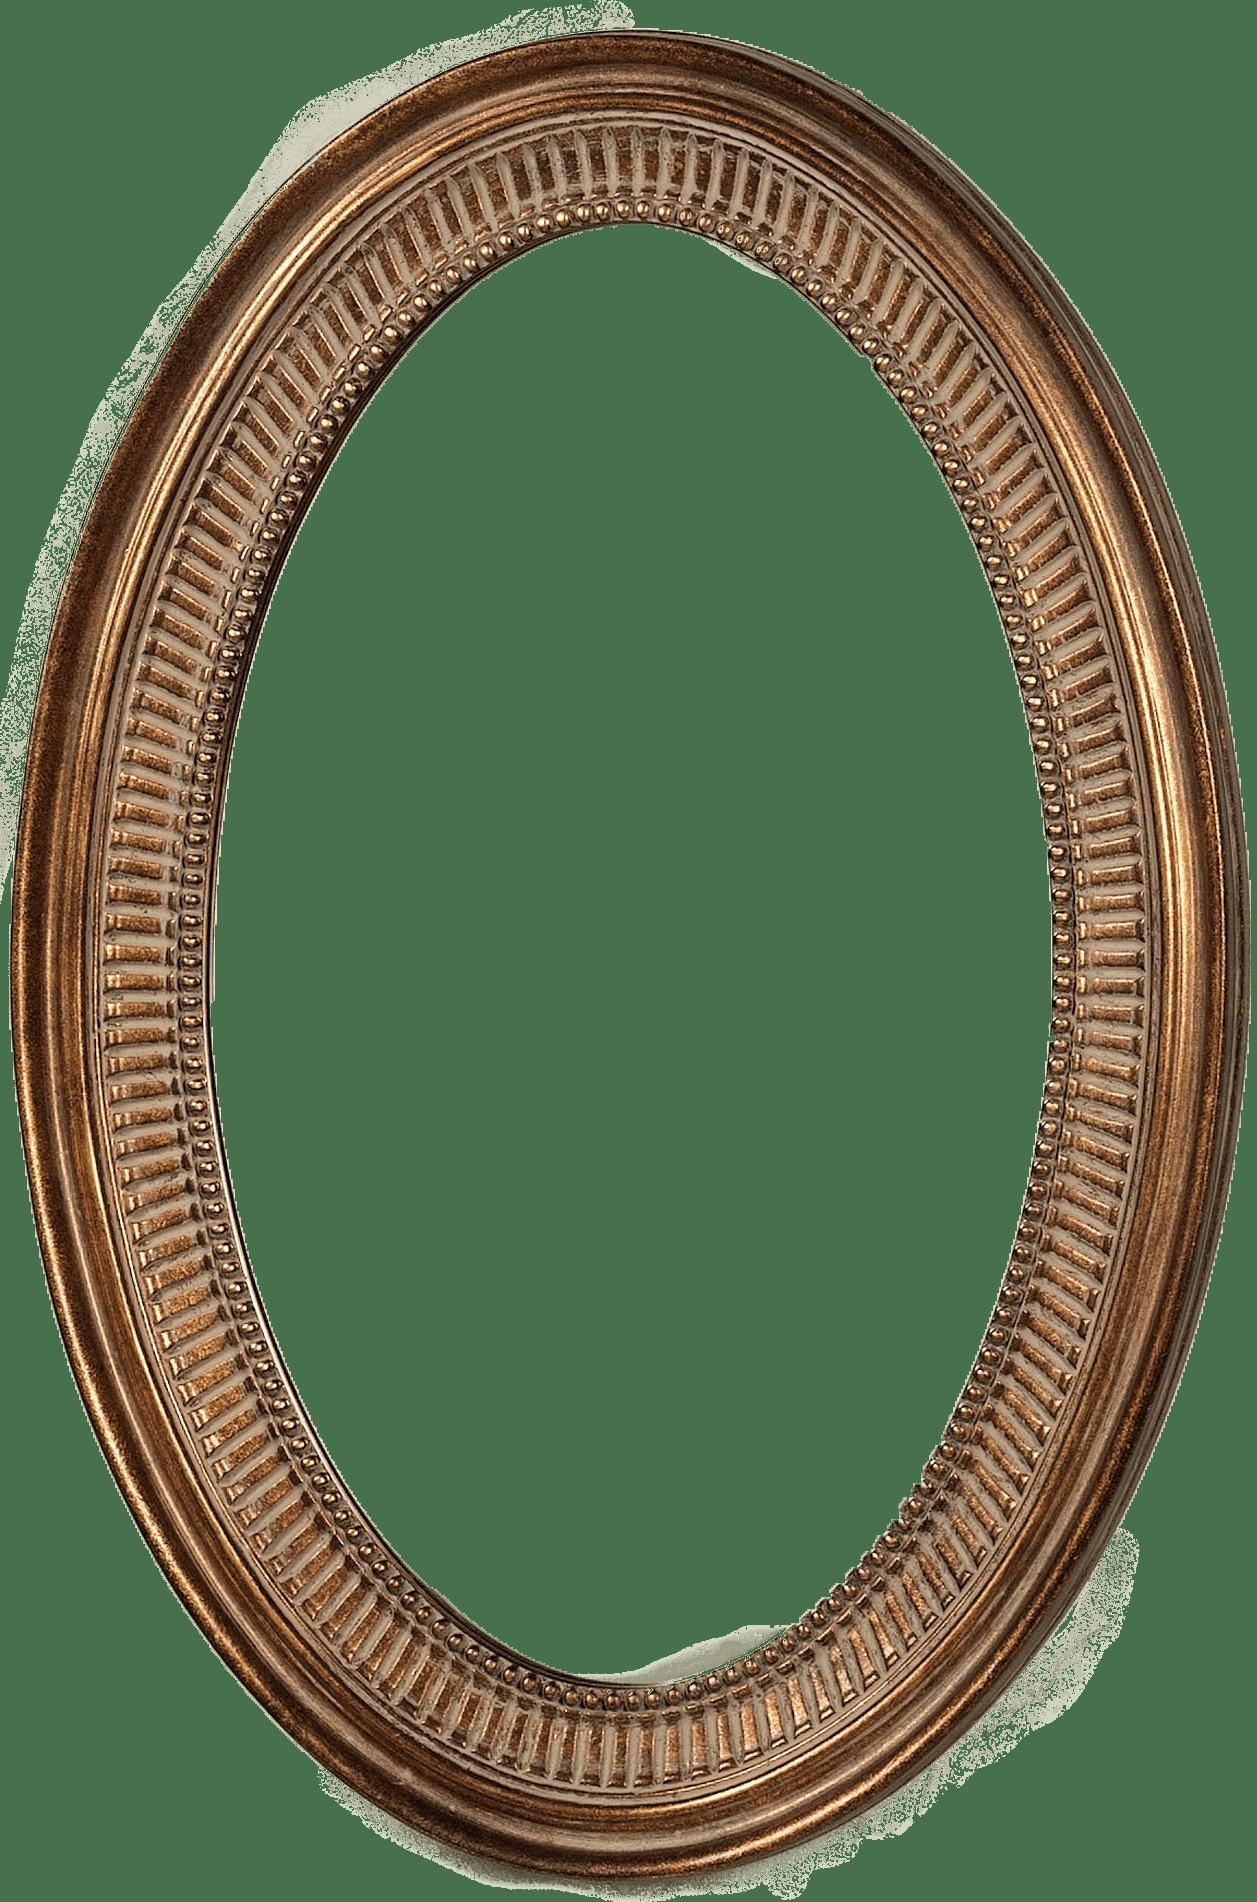 oval frame images usseekcom